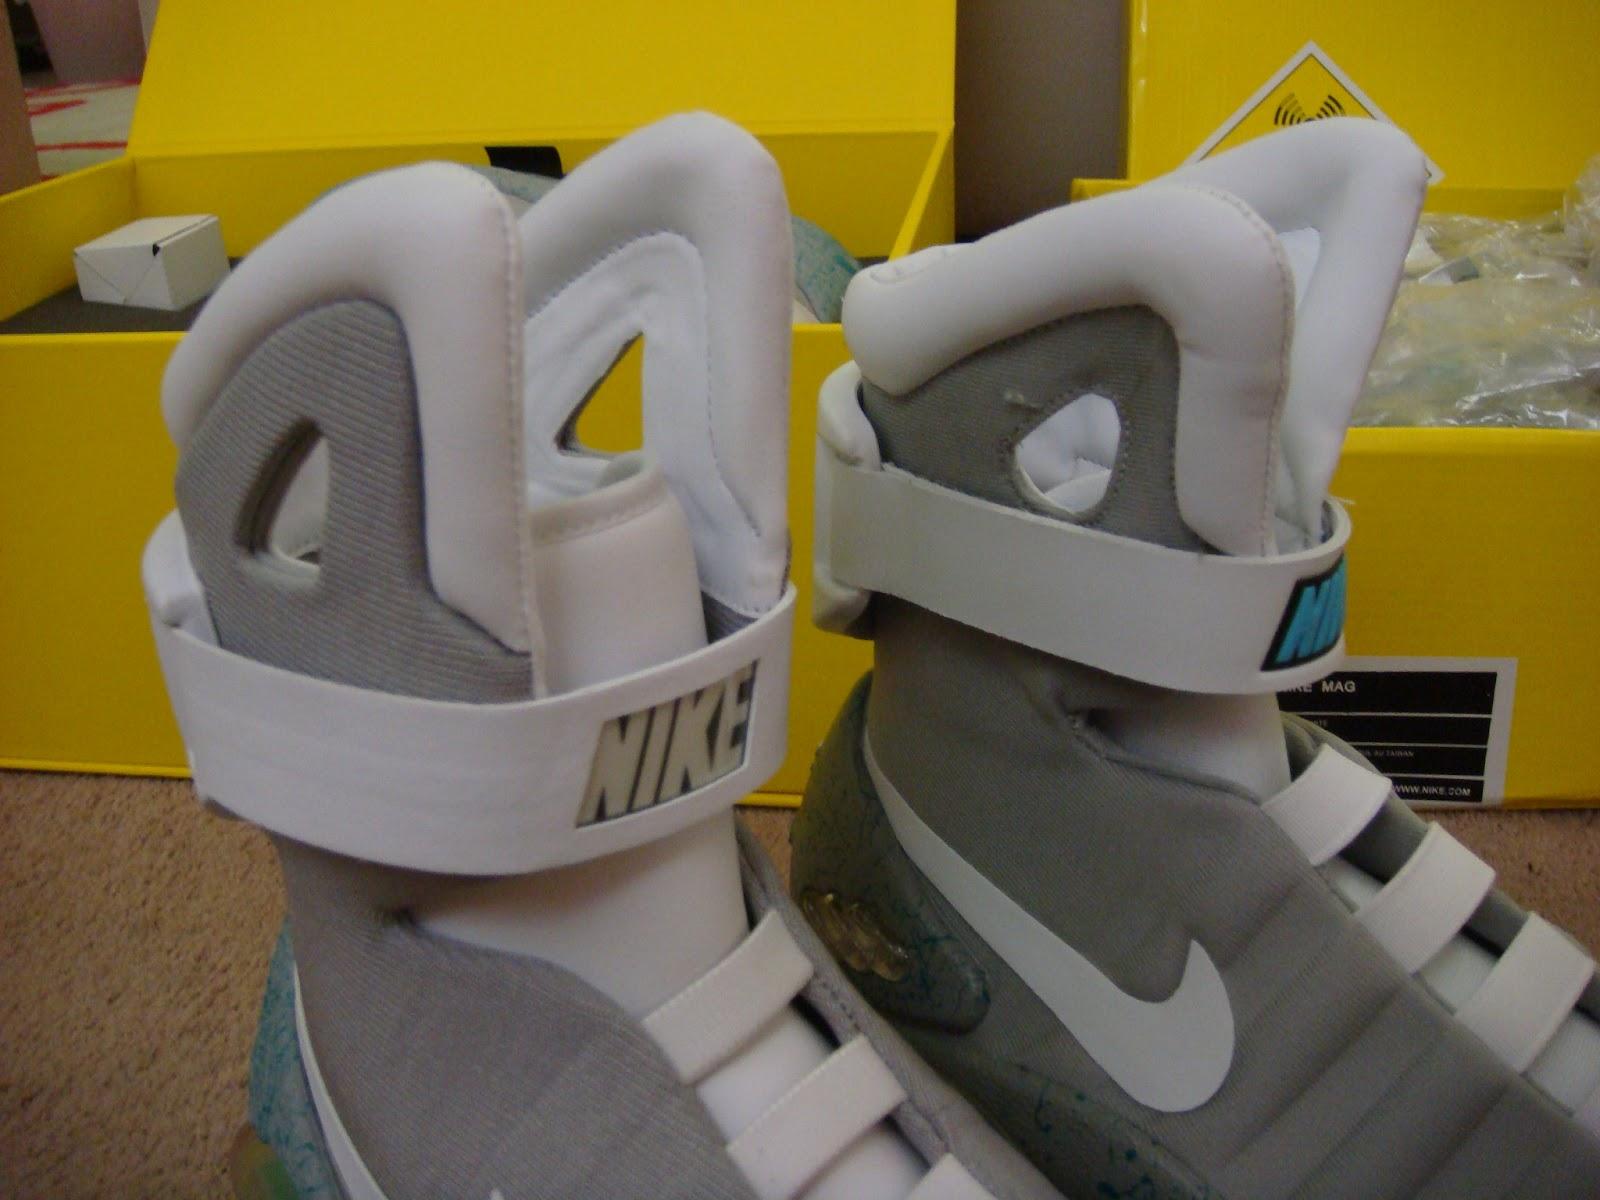 46640e5b79f awildermode: Nike Air MAG vs Knockoff